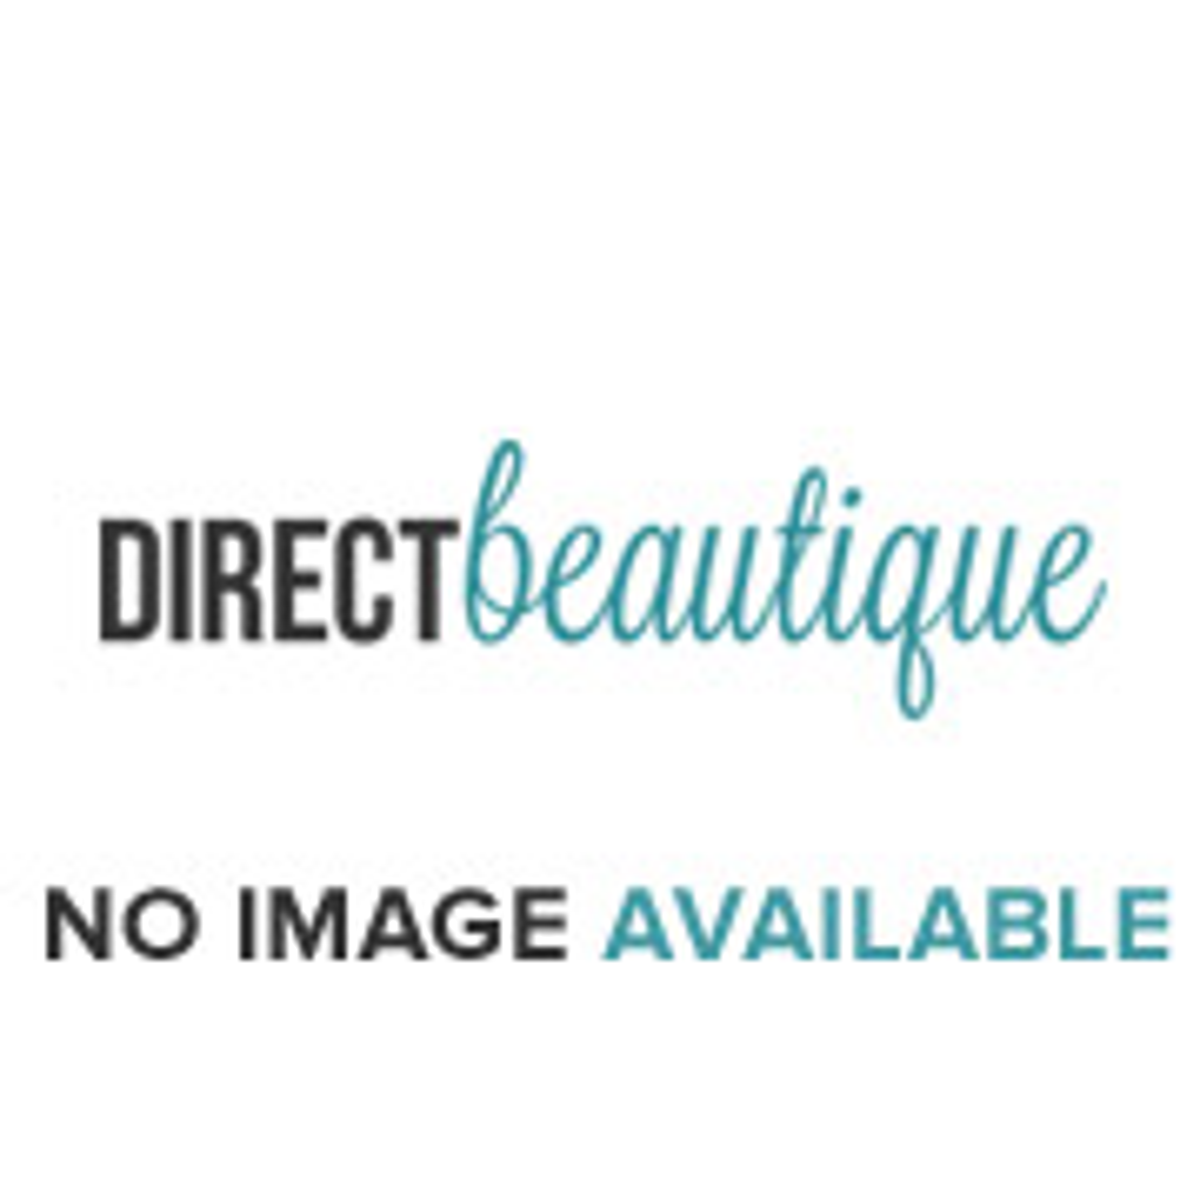 Dolce & Gabbana Dolce & Gabbana Dolce 50ml EDP Spray